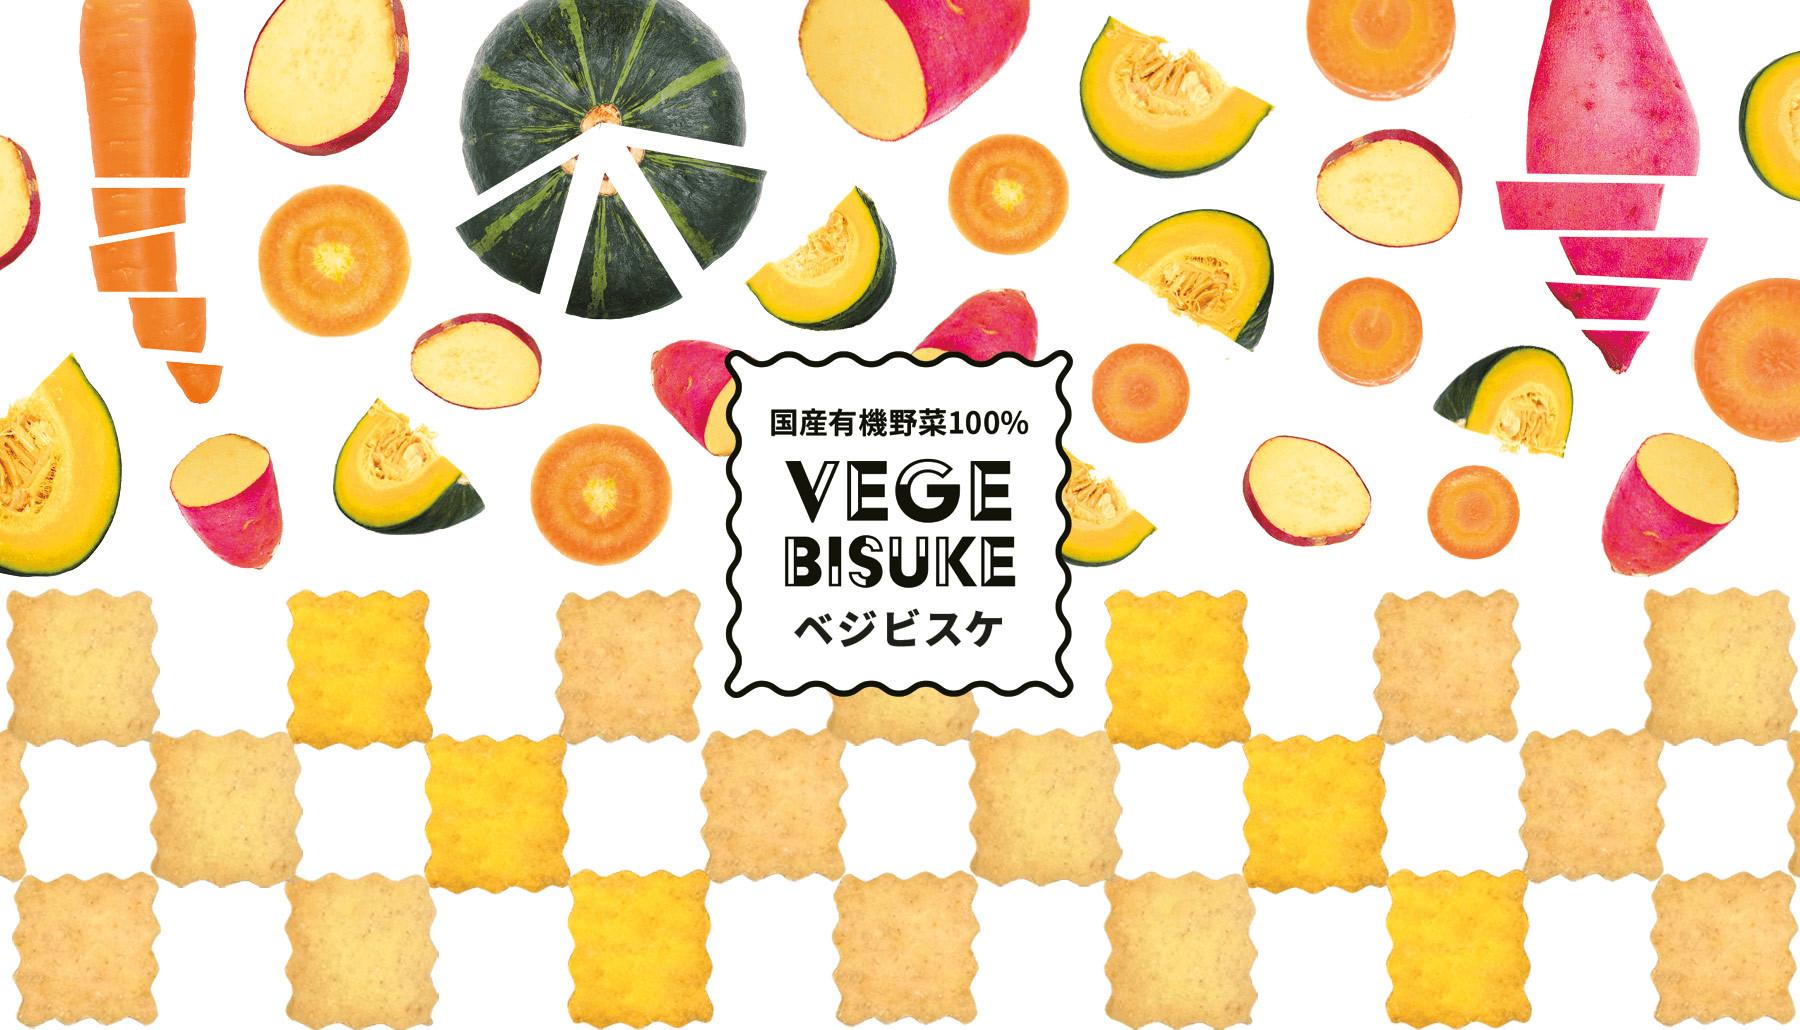 VEGE BISUKE / げんきタウン_c0222907_14350512.jpg